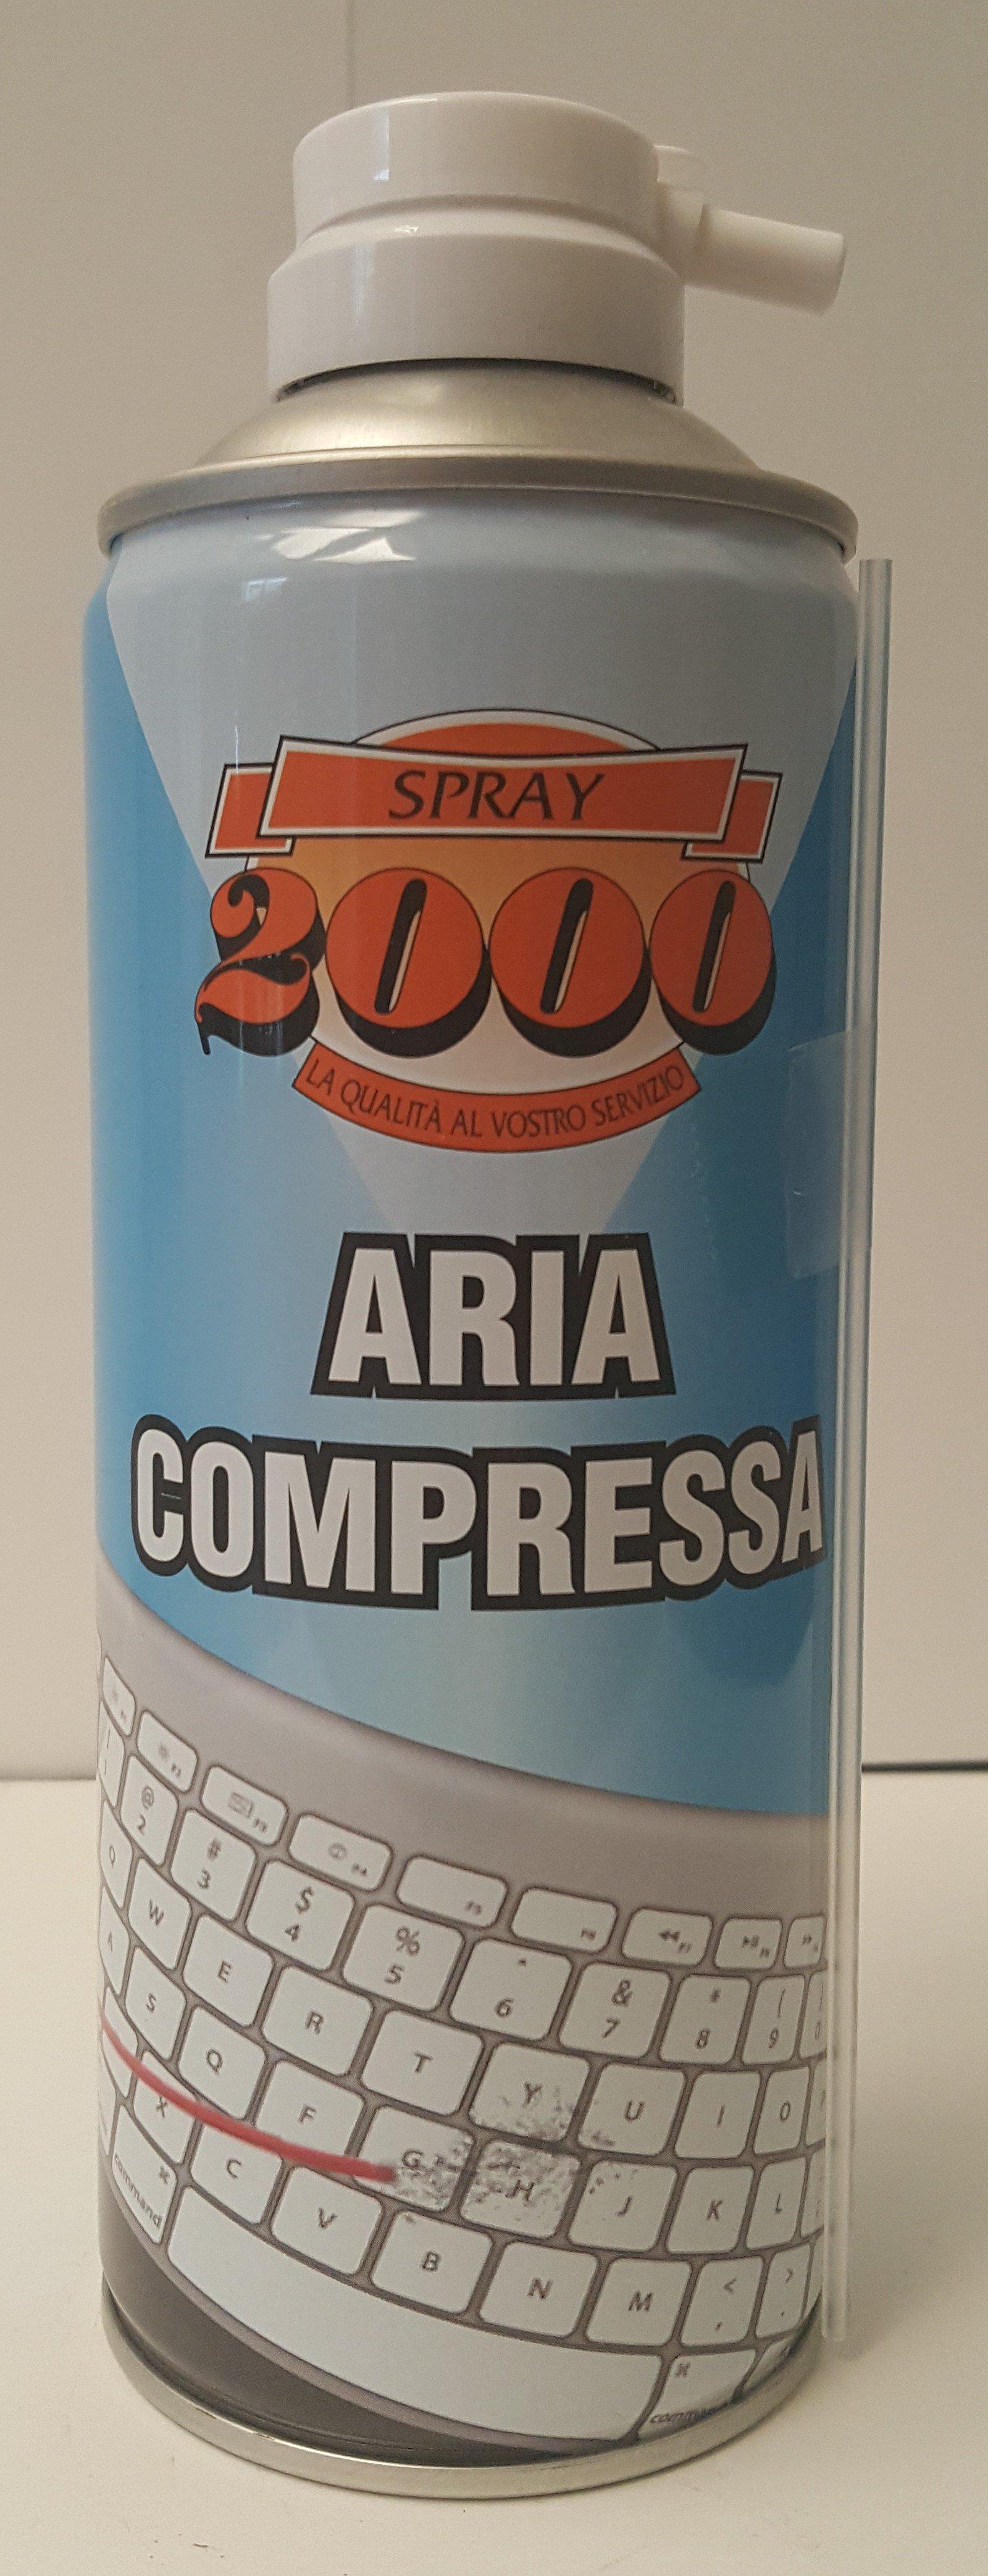 SPRAY ARIA COMPRESSA